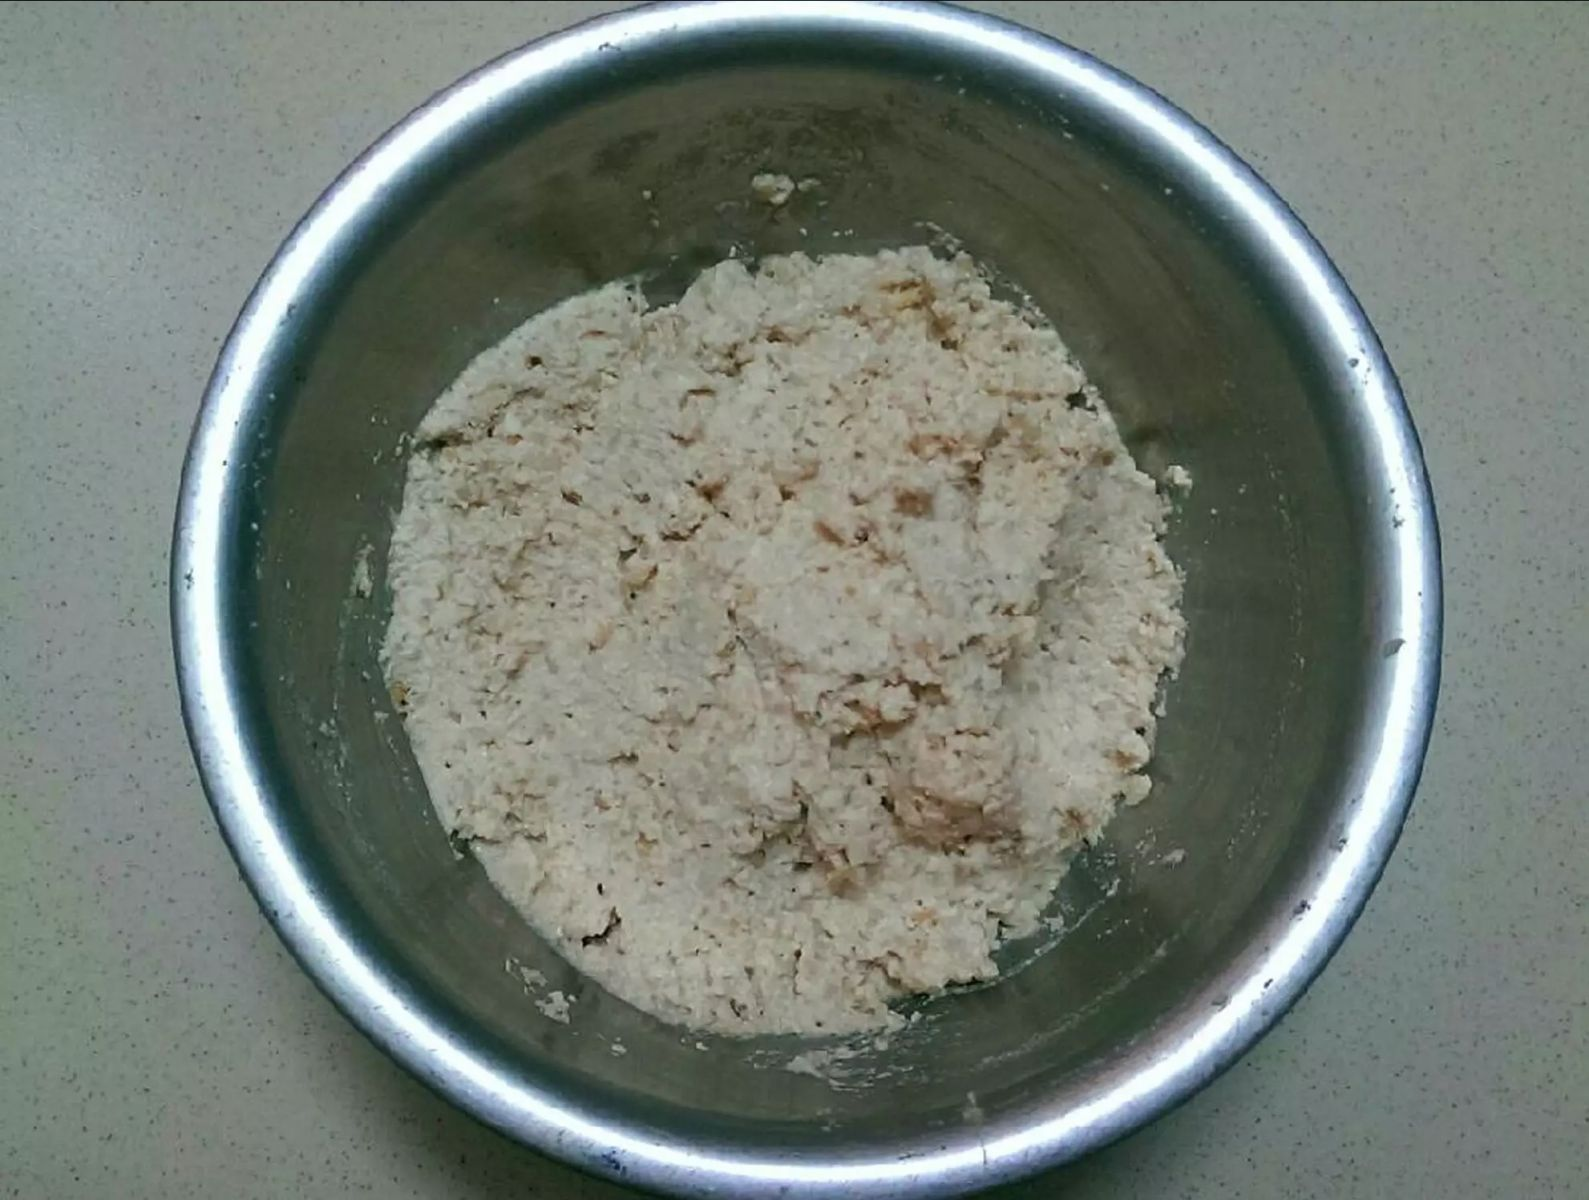 Trộn đậu hủ, củ sắn cùng hạt nêm + đường + nước tương + tiêu + boa rô băm nhuyễn cho vừa ăn. Cho thêm muỗng tương cà vào cho có màu phớt phớt hồng & ít vỏ bánh mì bóp vụn hoặc bột gluten vào để tạo độ kết dính.